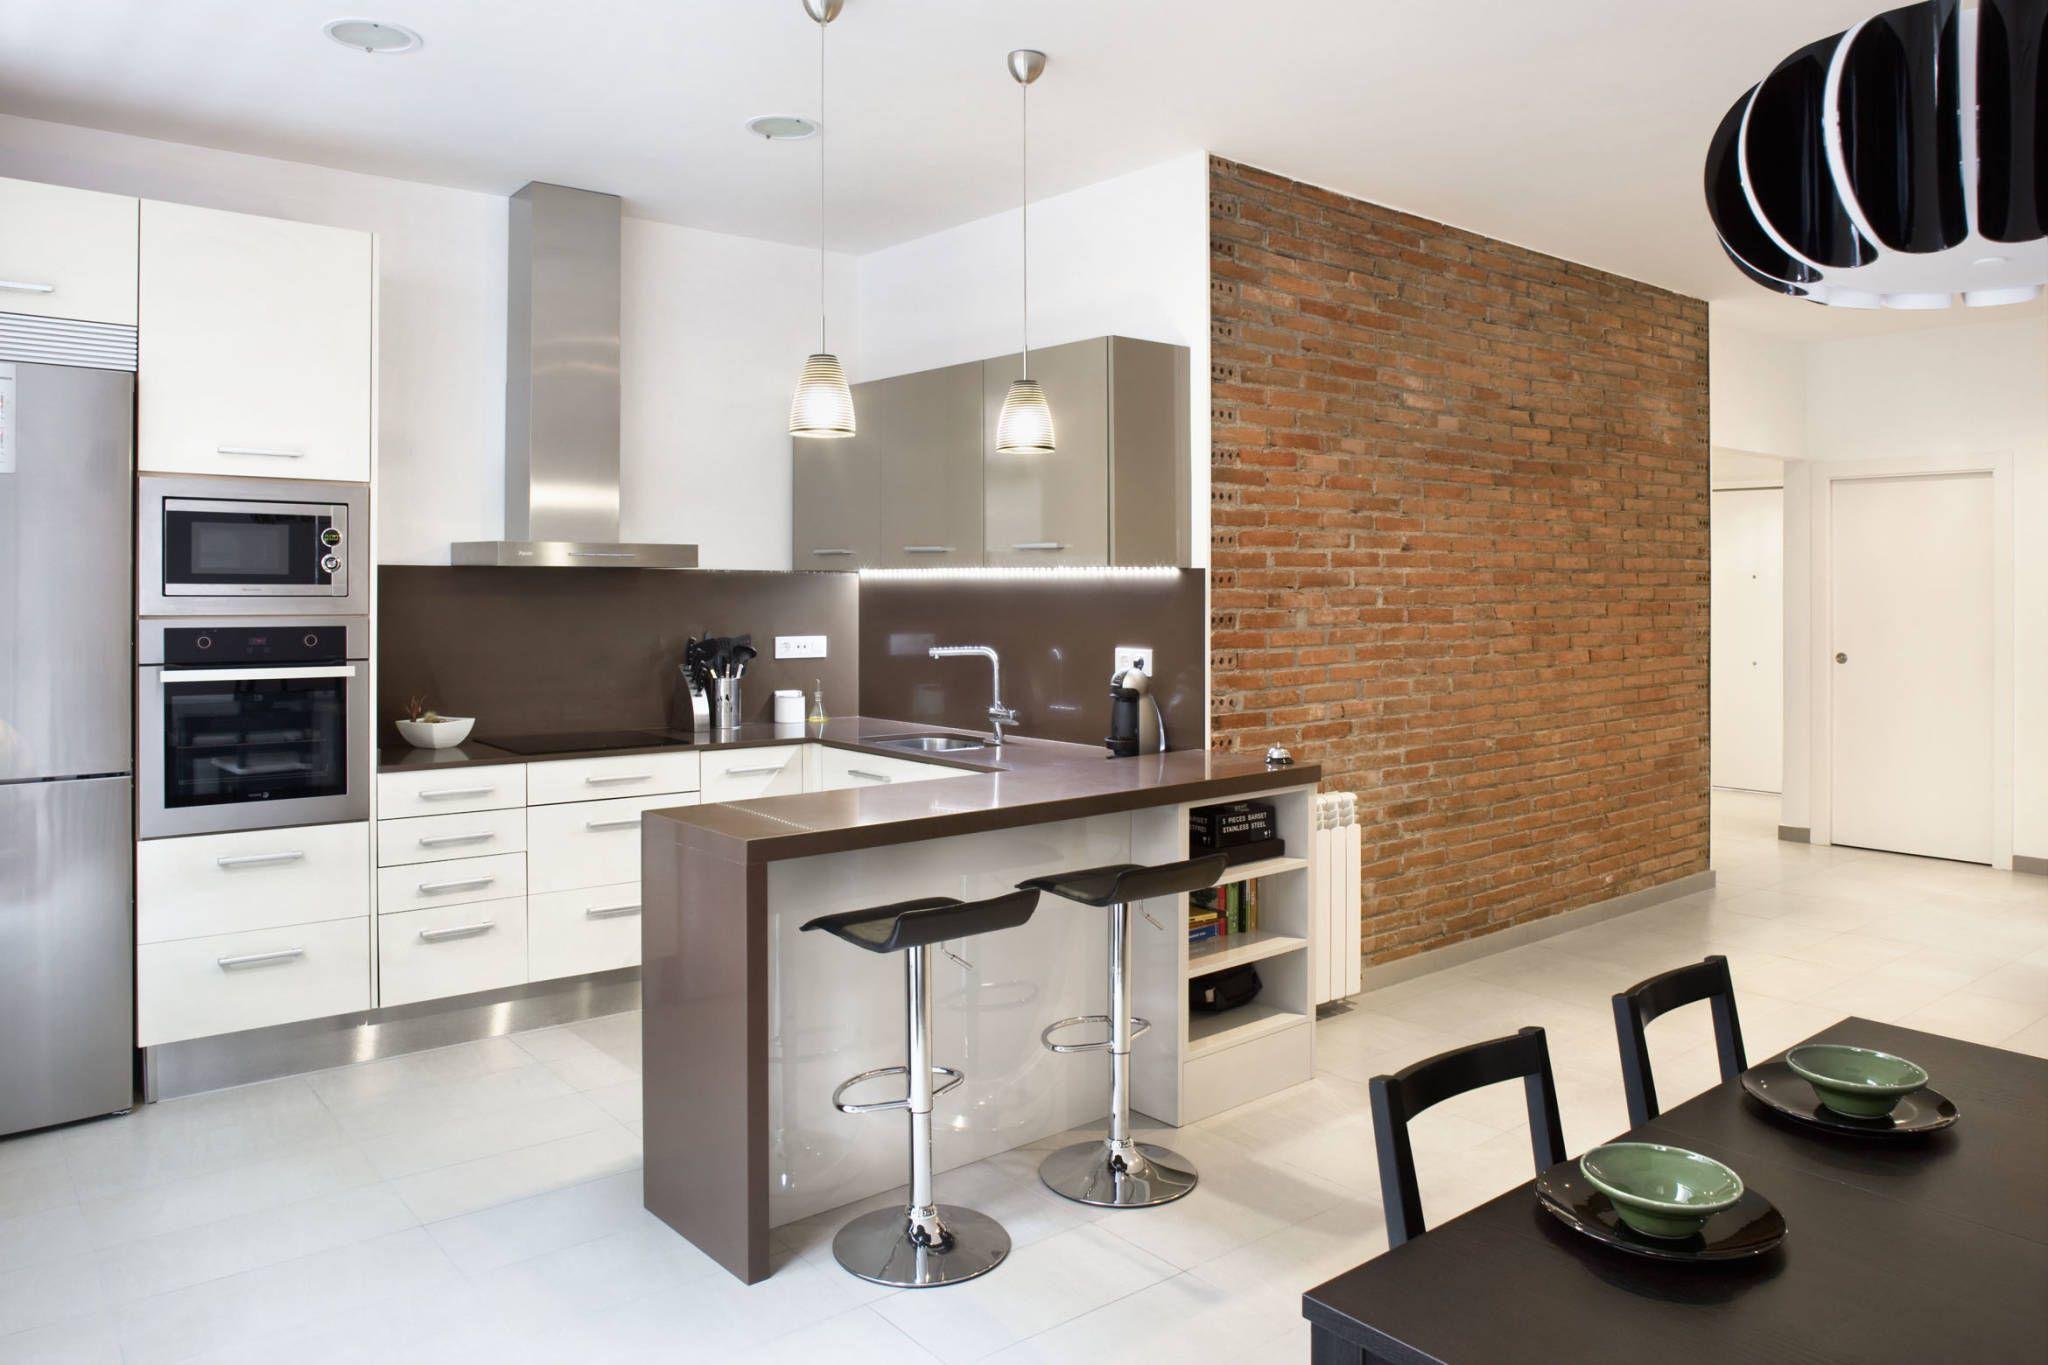 Fotos de Decoración y Diseño de Interiores | Cocina americana ...